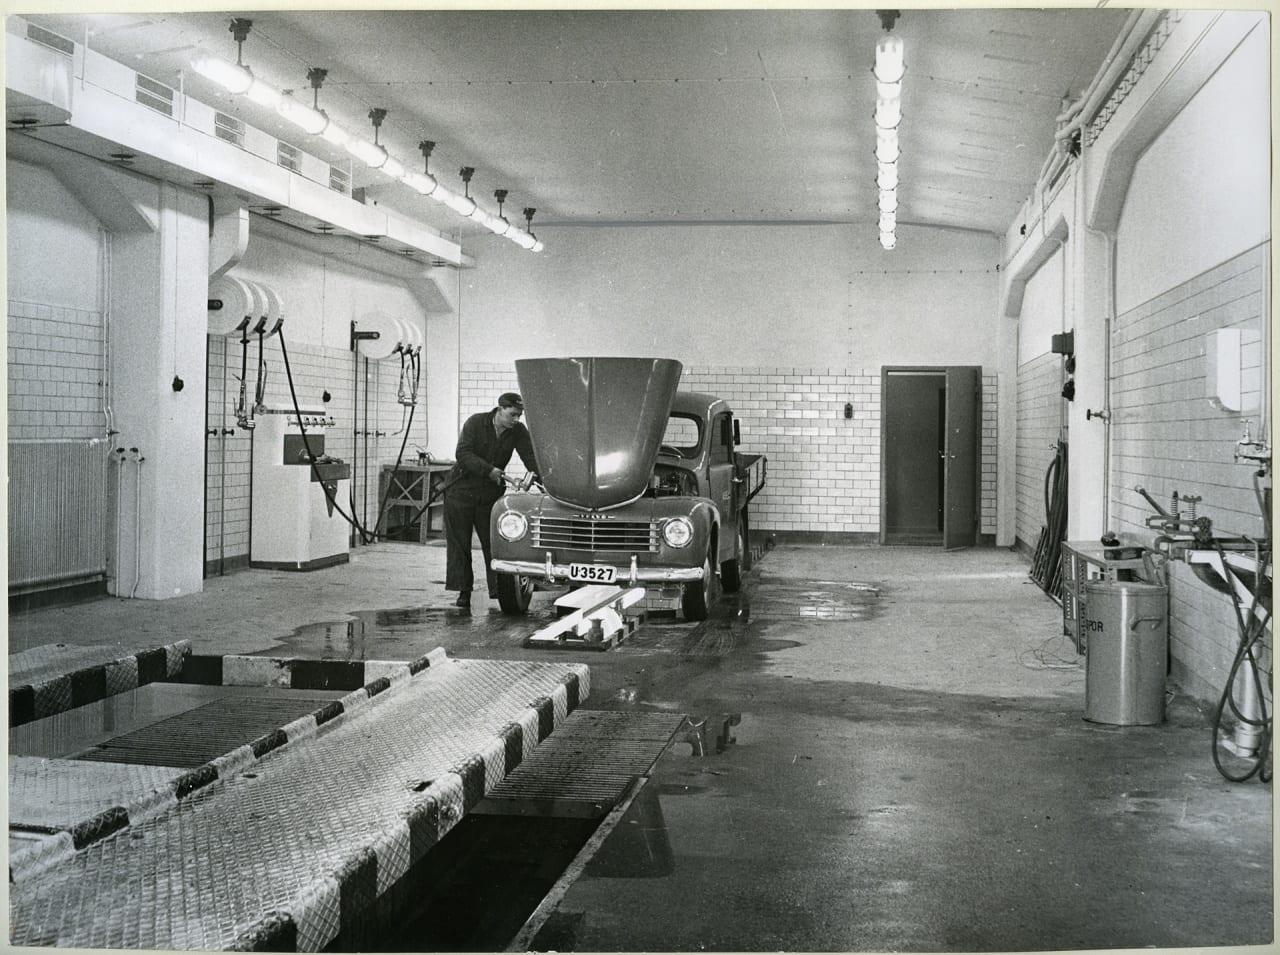 Aseas bilverkstad i Viksängshuset. Smörj- och tvätthallen med hydraliska billyftar år 1956. Man som står och tvättar något under motorhuven på en bil.